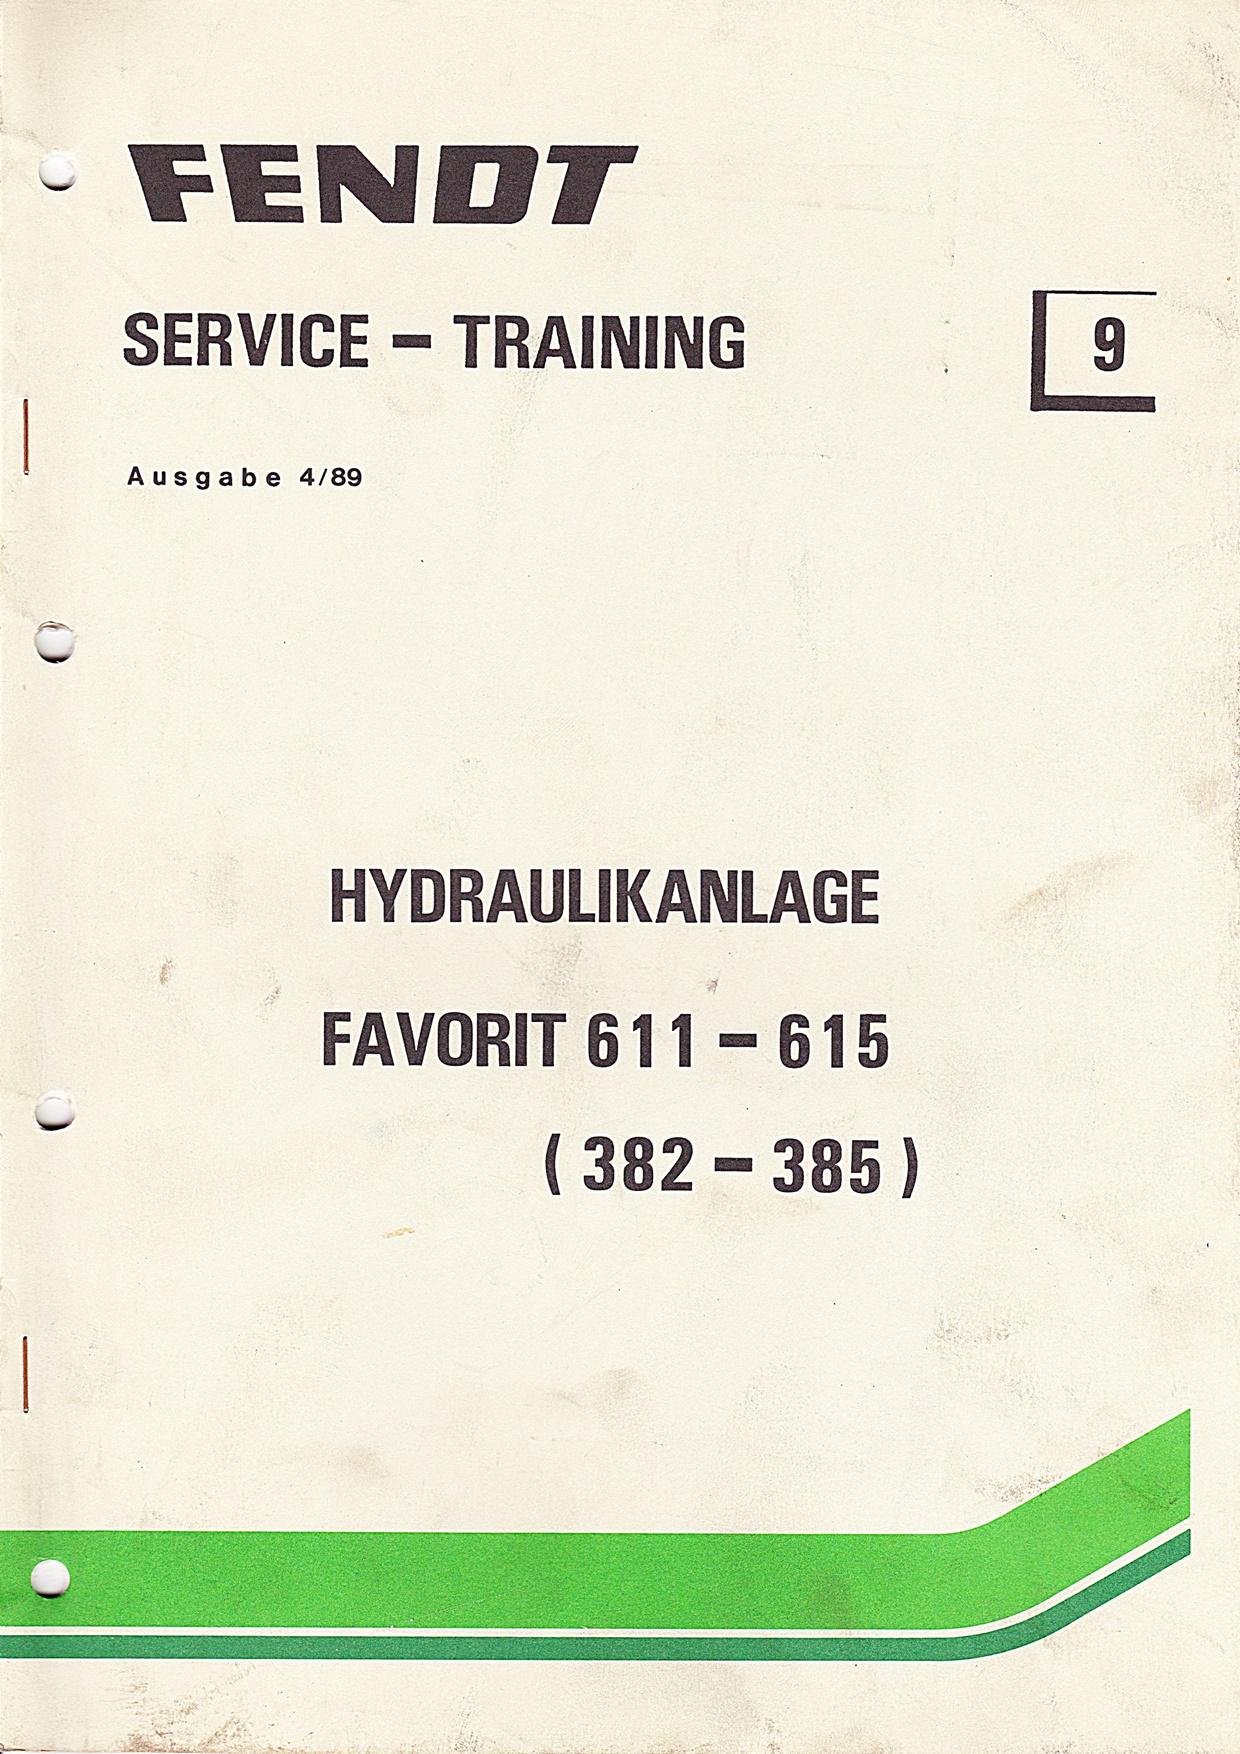 Fendt  Service und Training Nr. 9, Hydraulikanlage